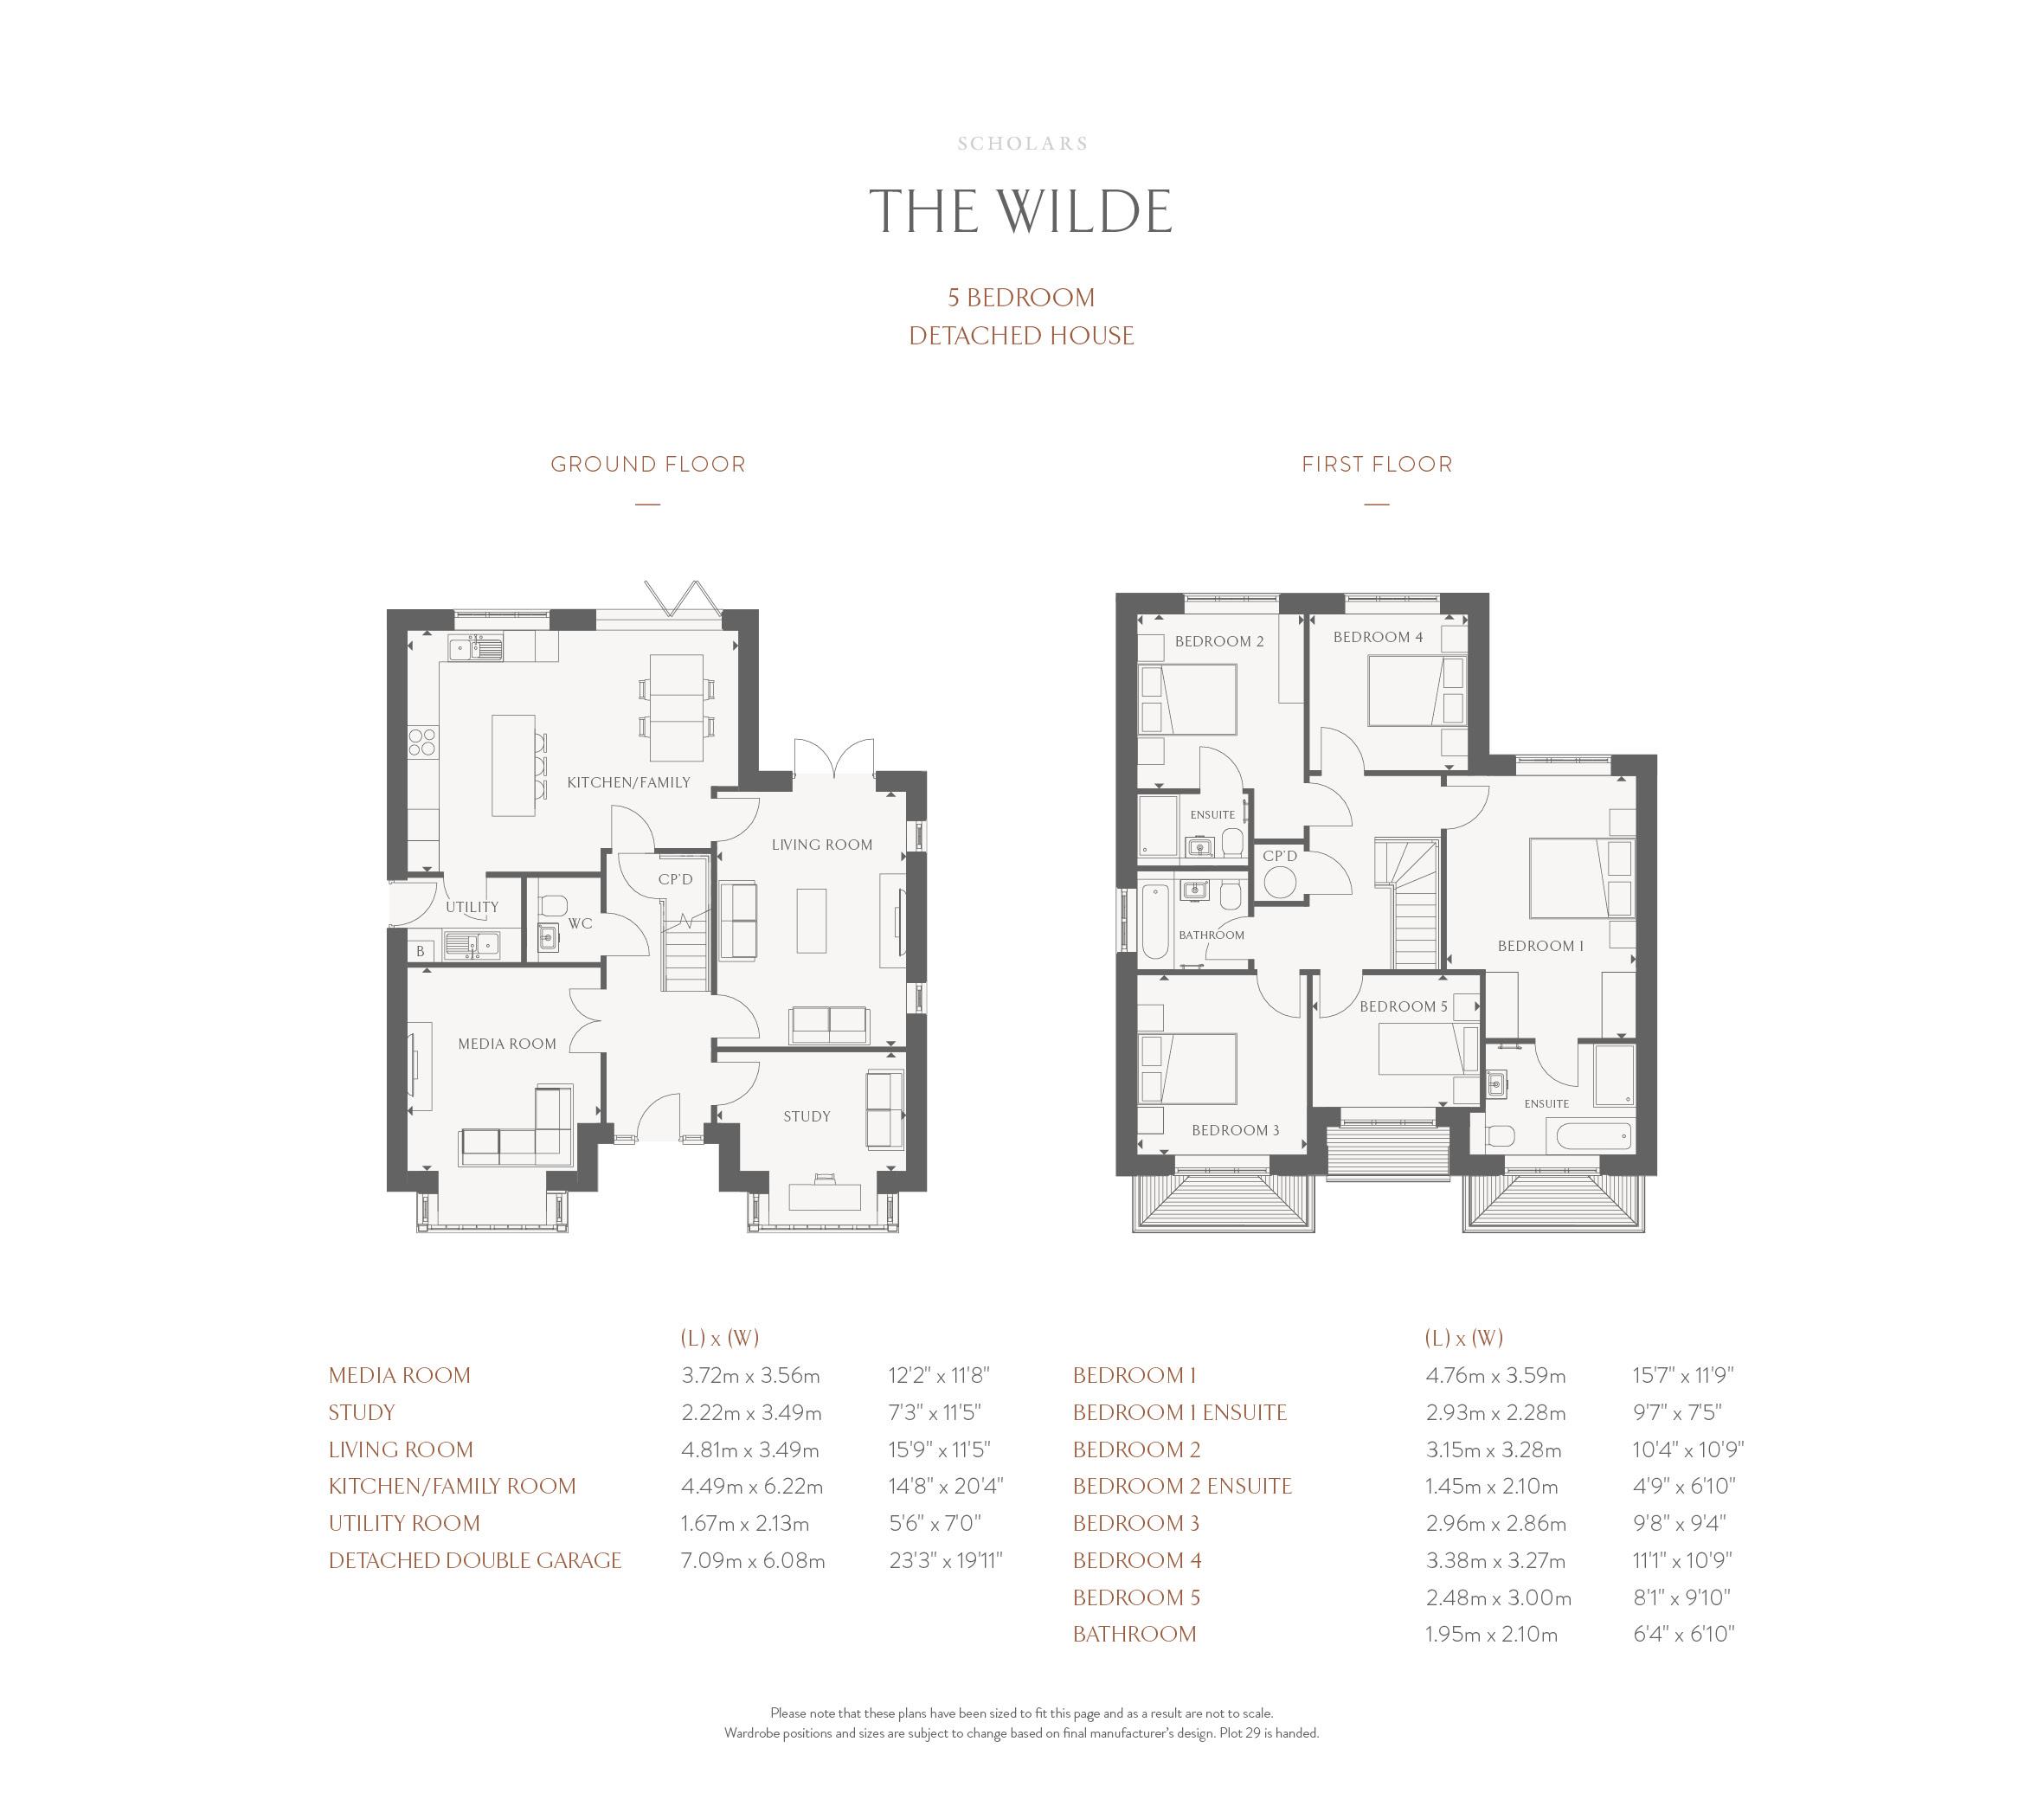 The Wilde - Floor Plan